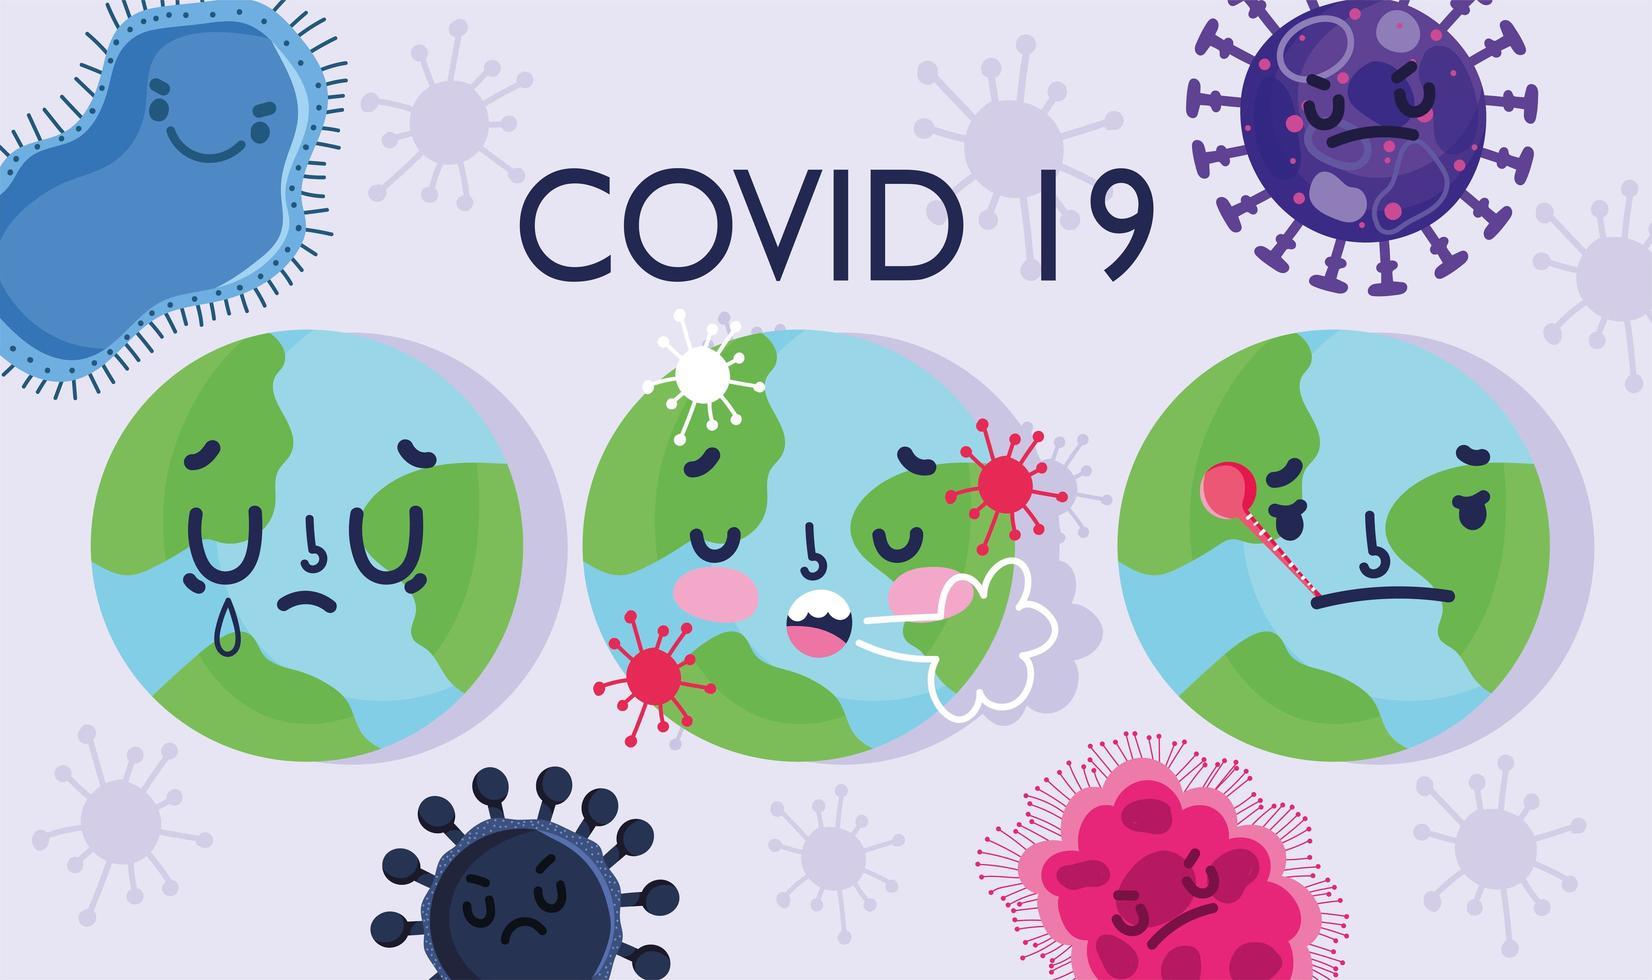 covid 19 virus pandemic poster design con mondi vettore